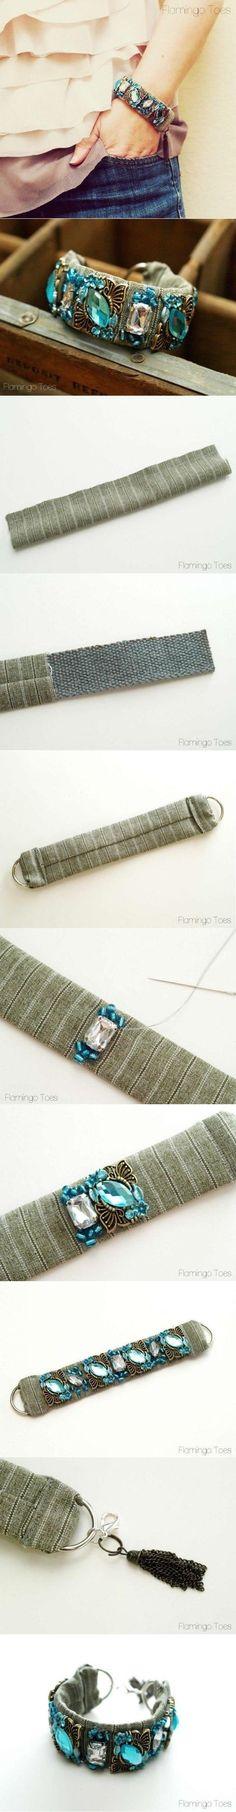 DIY Bracelet diy crafts craft ideas easy crafts diy ideas crafty easy diy diy jewelry diy bracelet craft bracelet